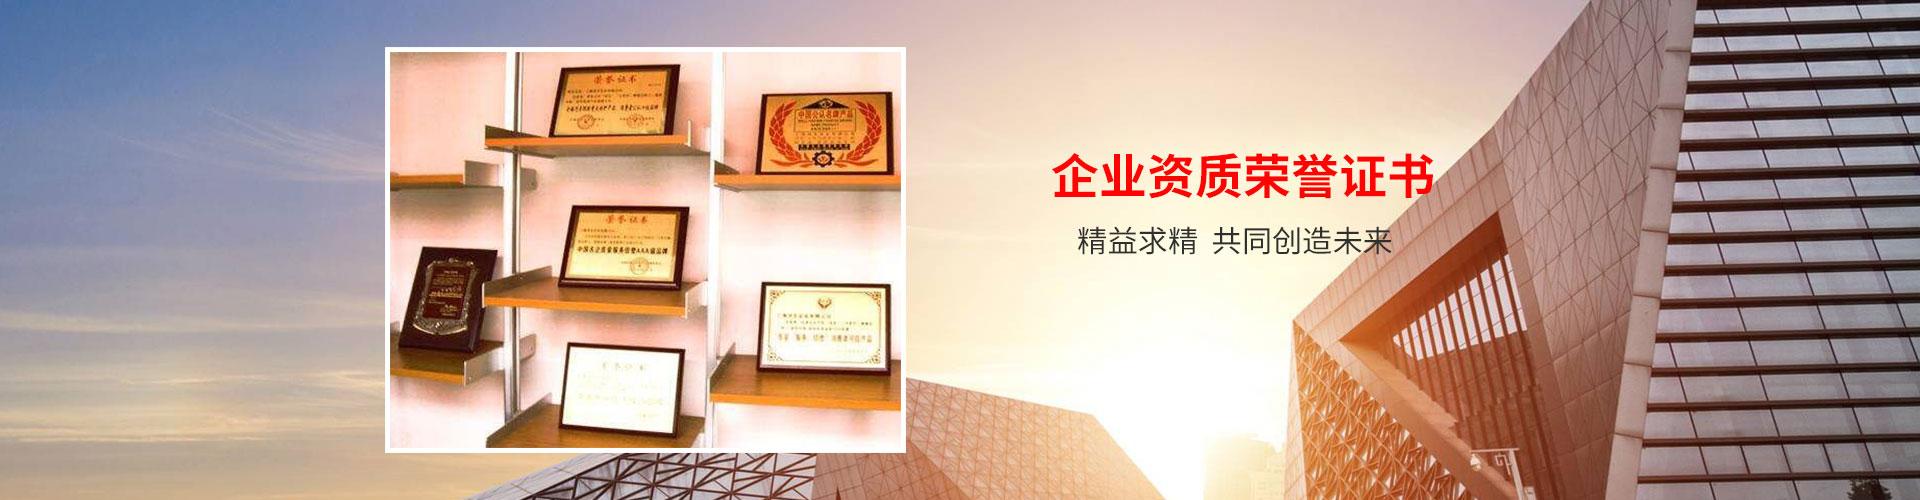 深圳远卓信息科技有限公司